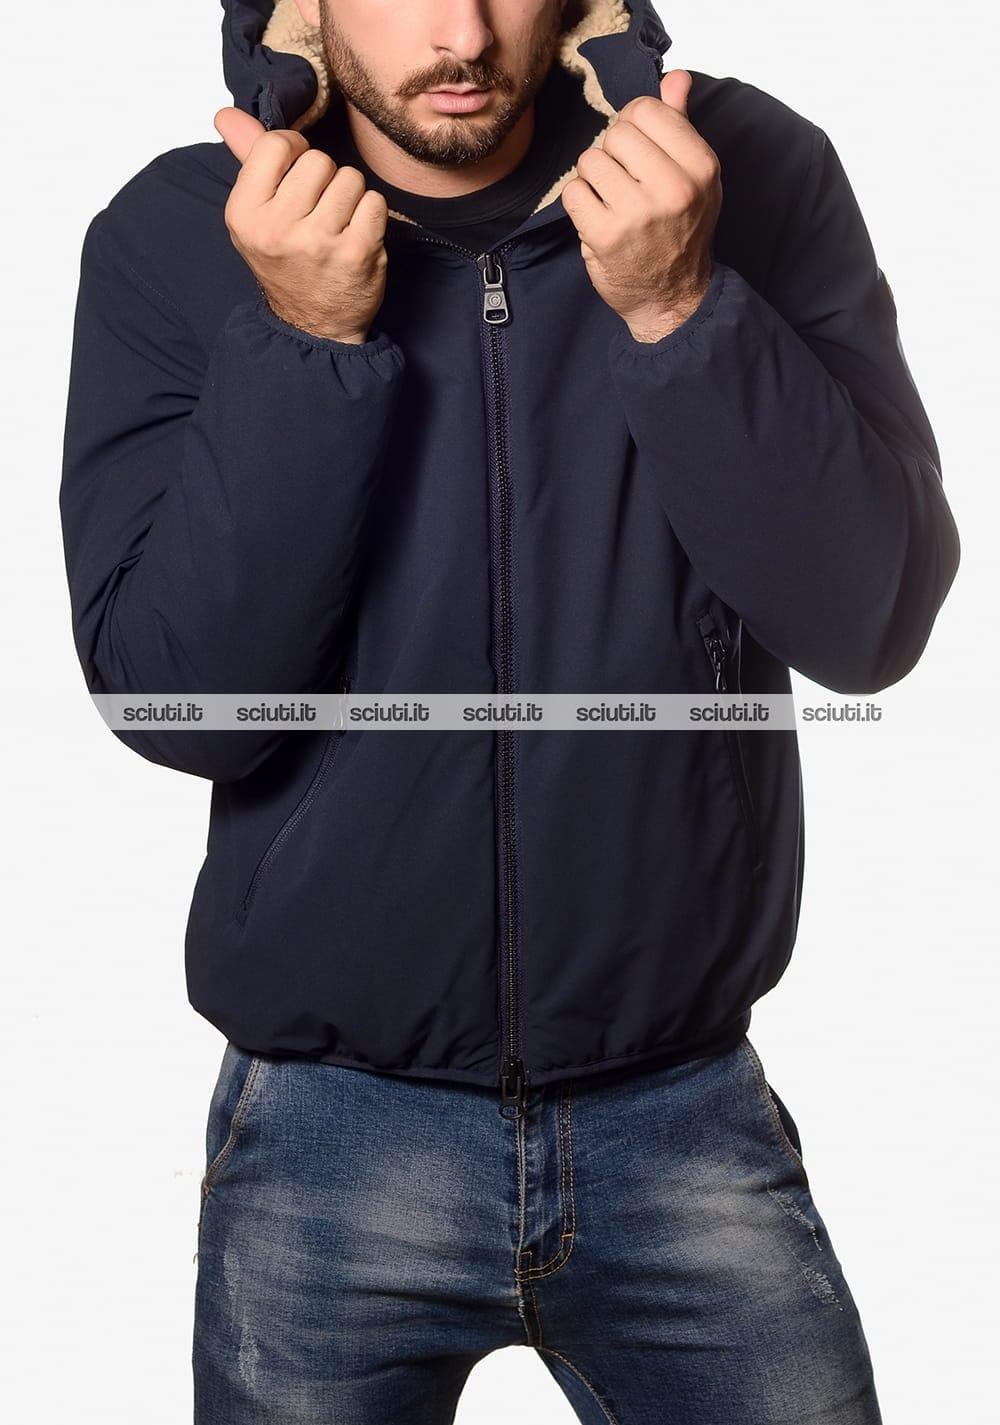 Giubbotto Colmar uomo imbottitura in teddy blu scuro | Sciuti.it